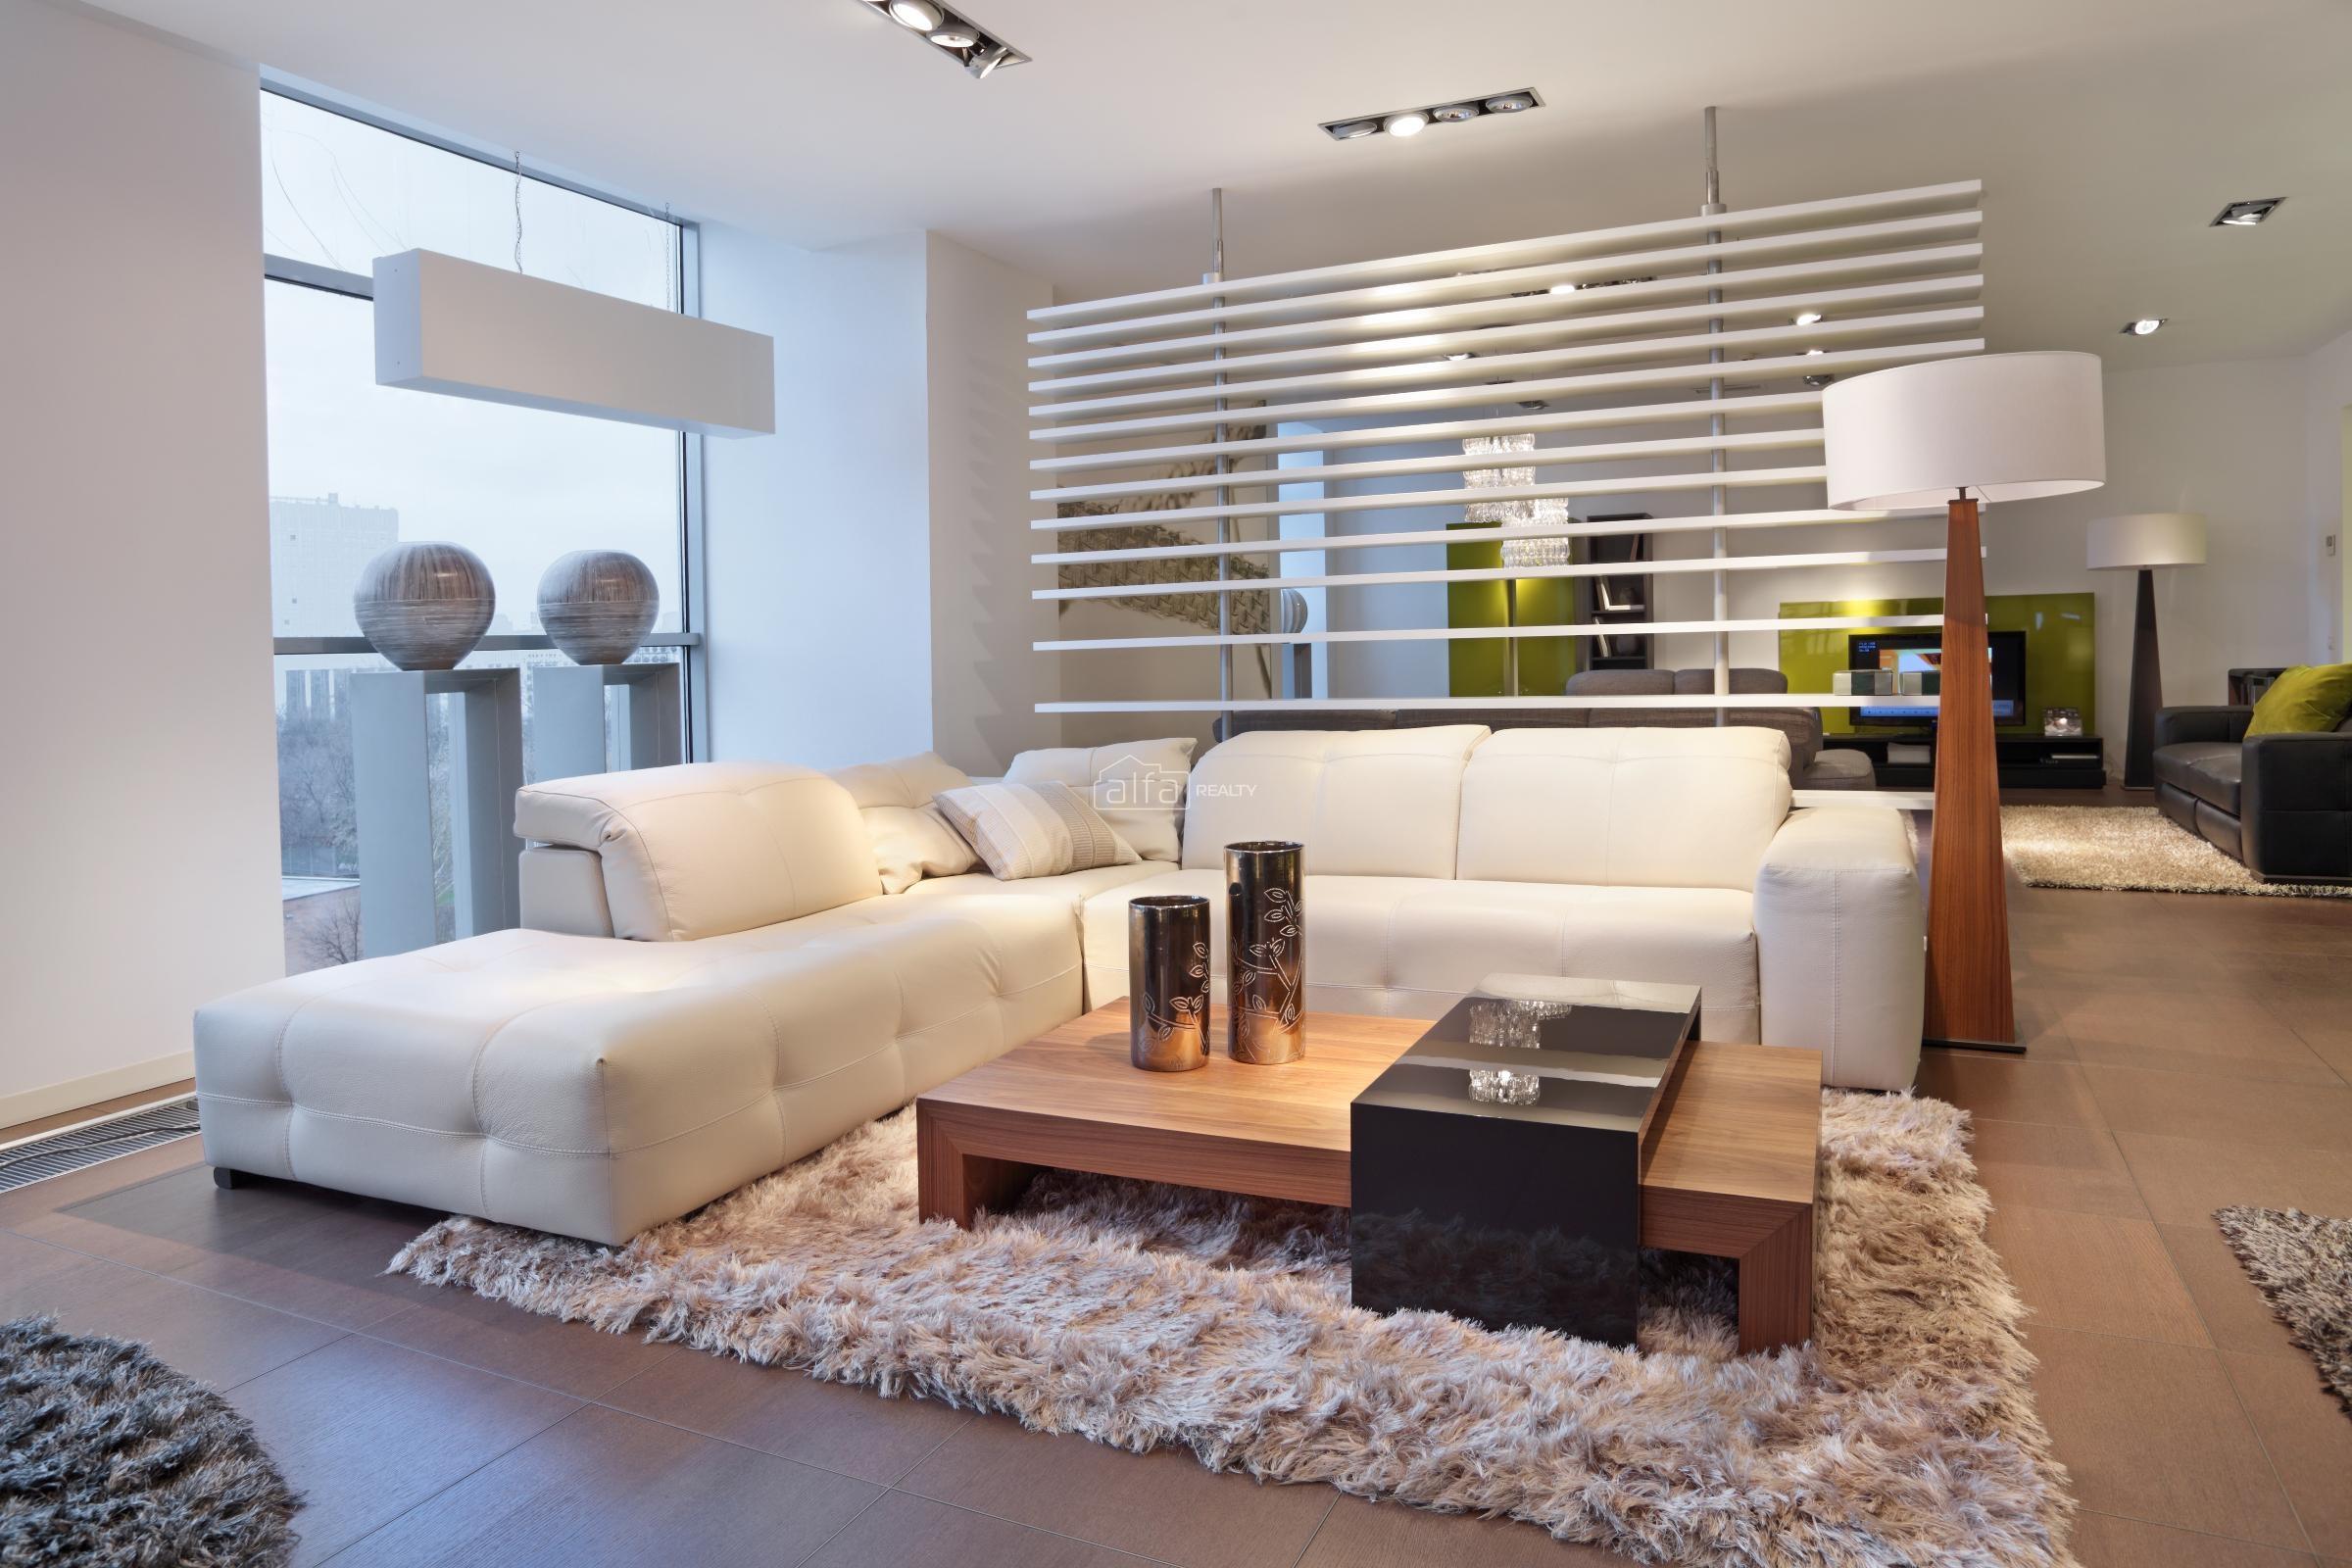 АИЖК начало выдавать ипотечные кредиты на апартаменты